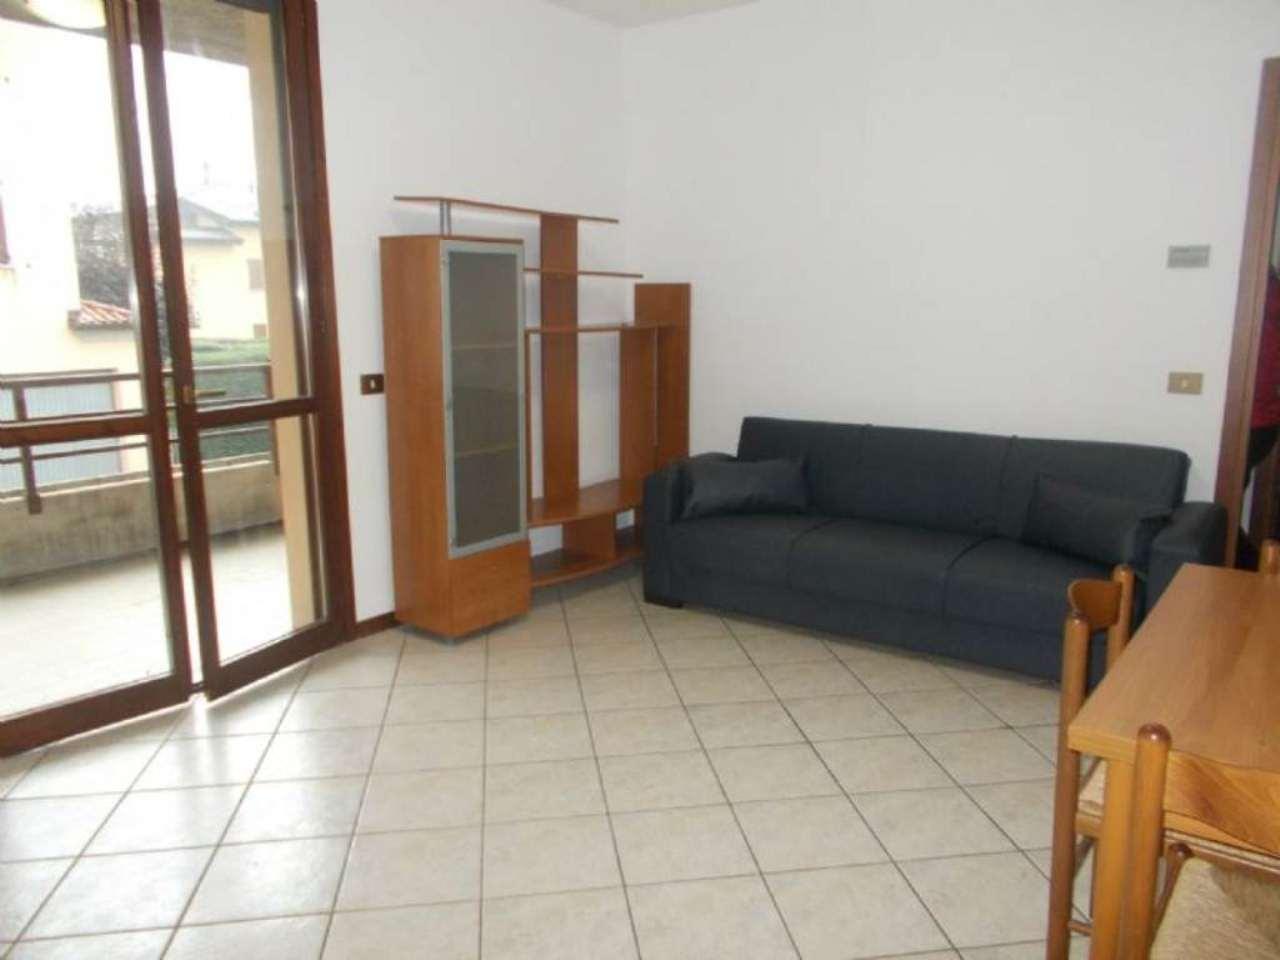 Appartamento in affitto a Quattro Castella, 2 locali, prezzo € 430 | Cambio Casa.it